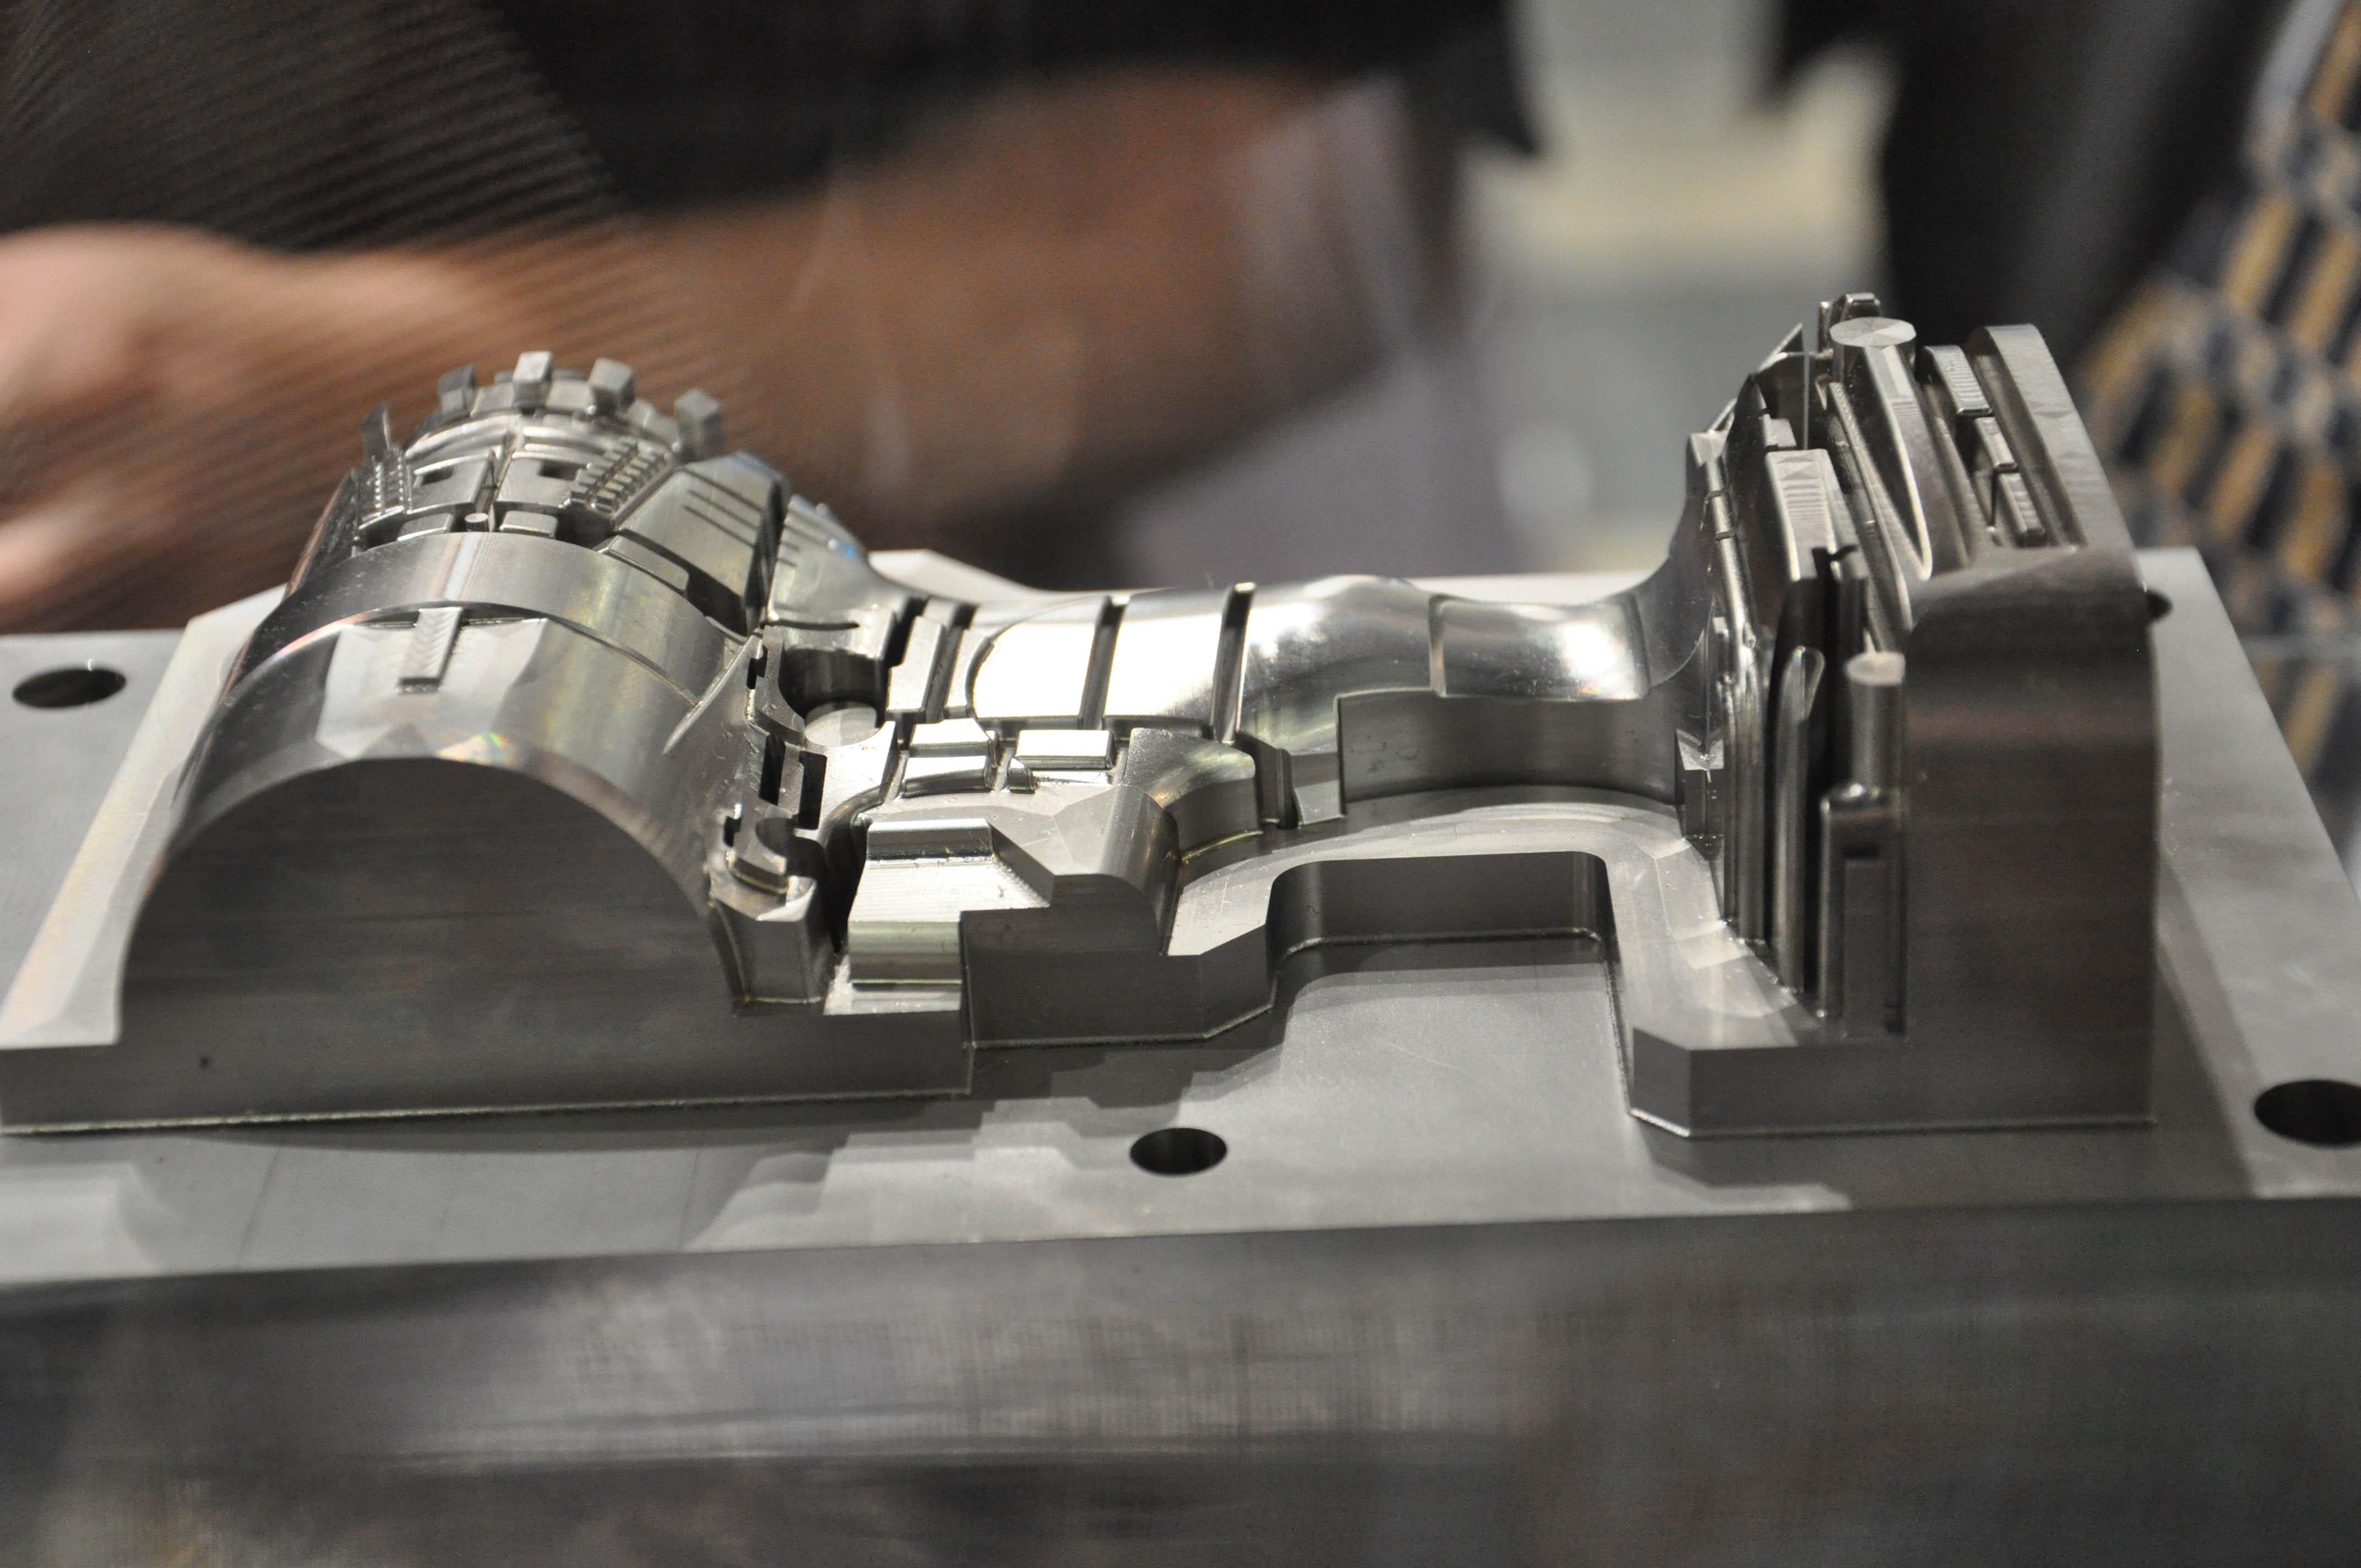 Matsuura Lumex lasersinteren en frezen in een machine, EDM overbodig